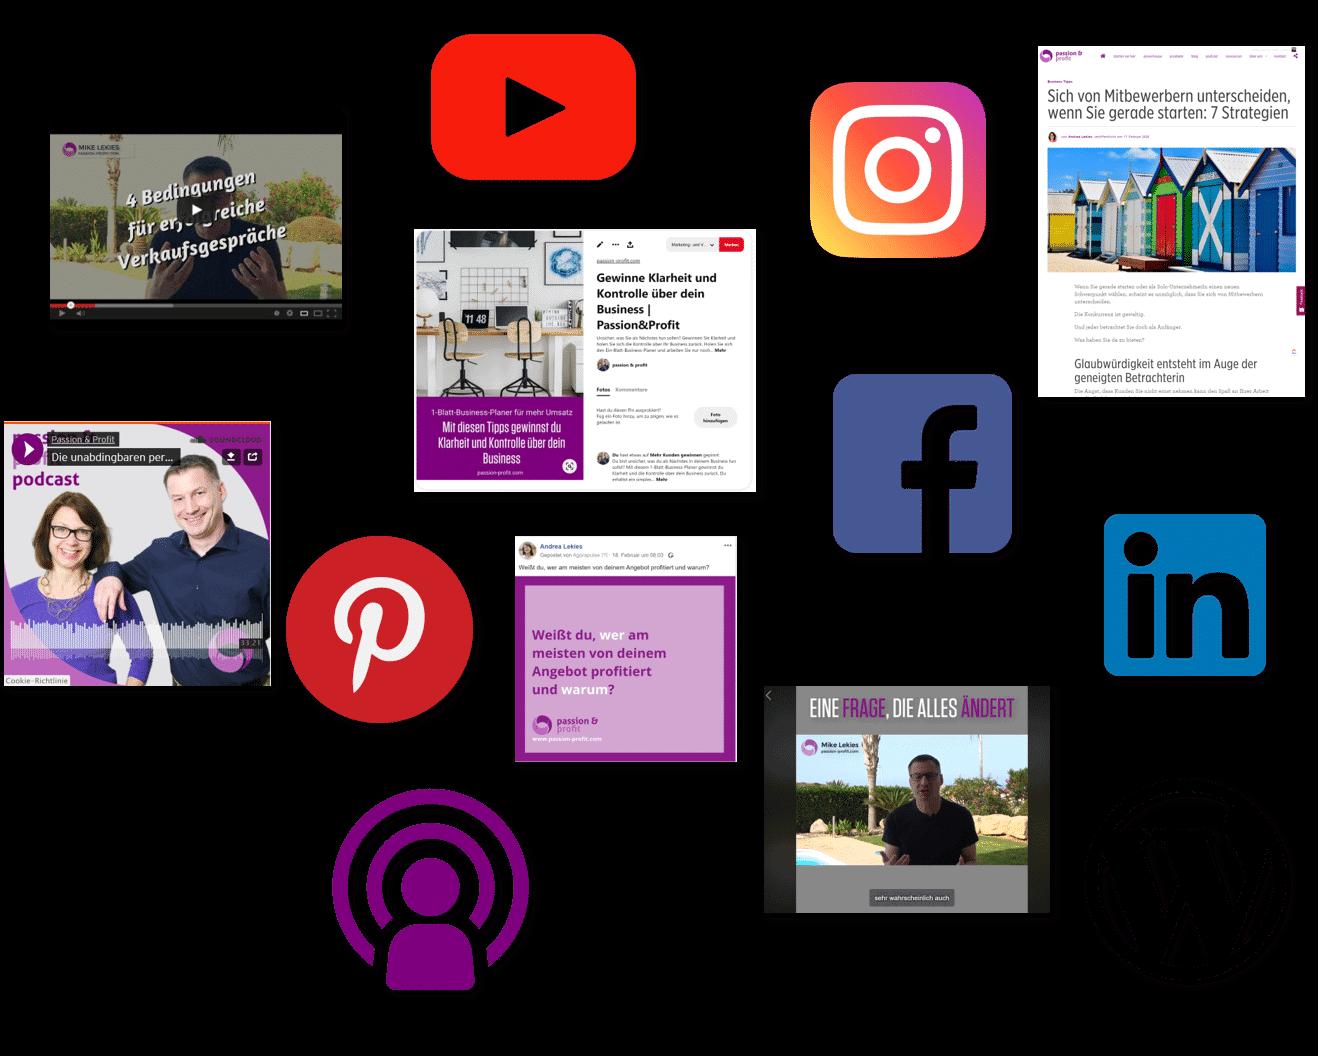 Wir zeigen Ihnen, wie Sie aus einer Idee viele Content-Teile erstellen, die alle ihr eigenes Gesicht haben